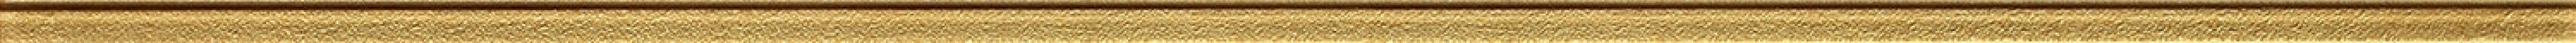 Tubądzin Glass Gold 59,8x2,3